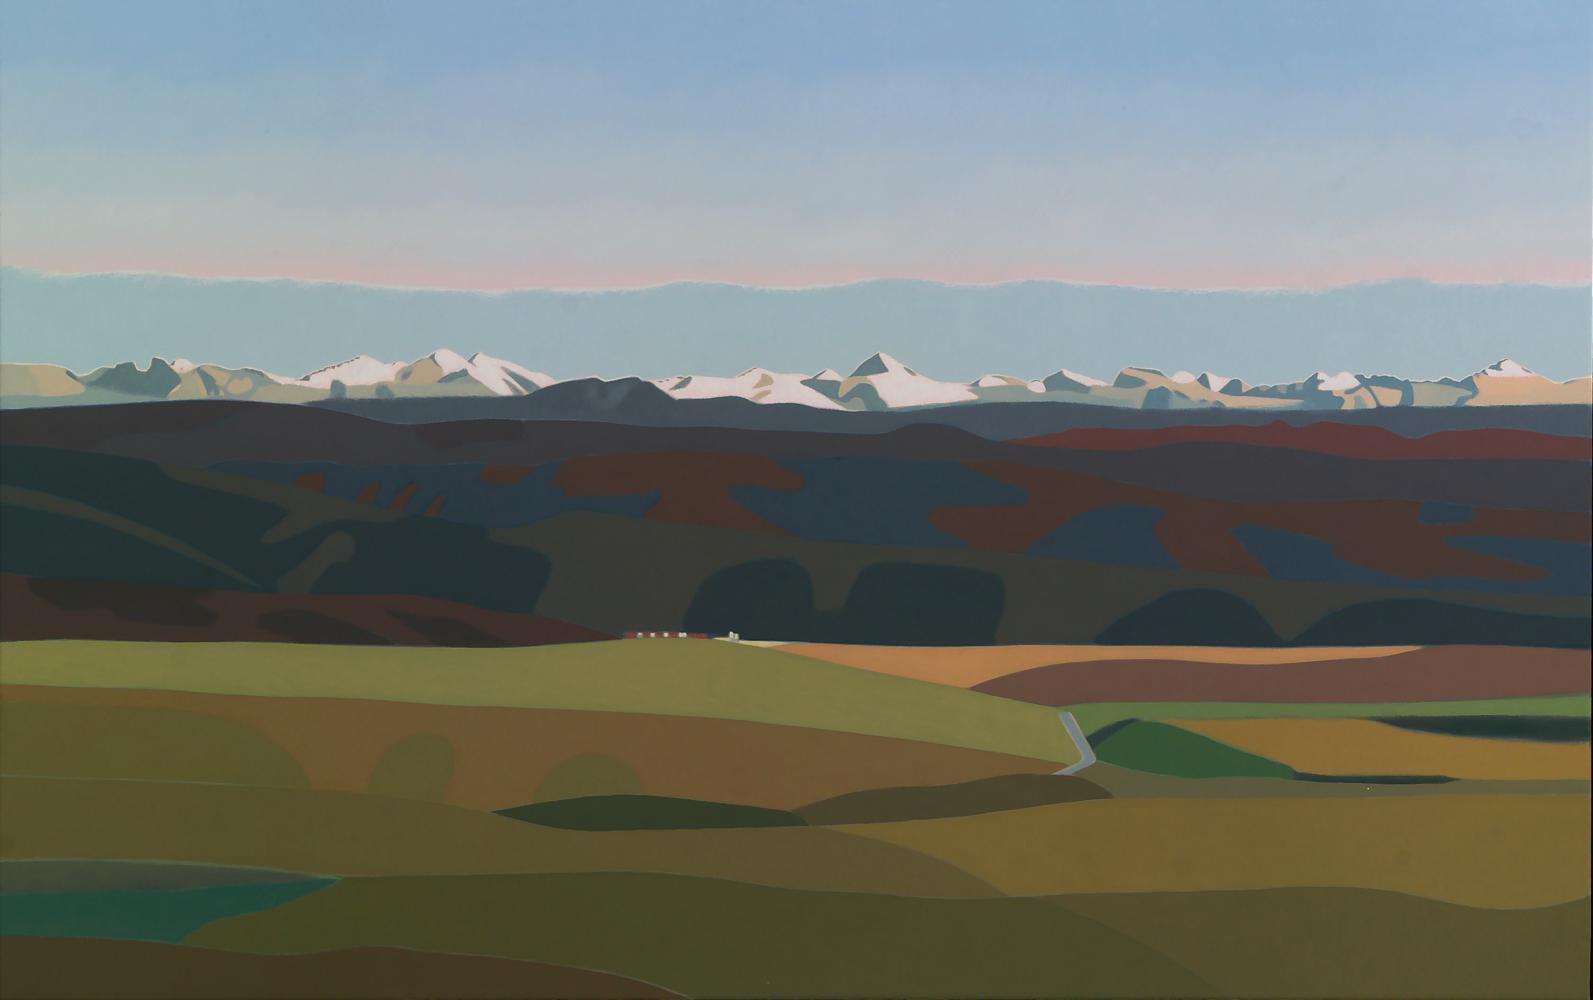 Desde Irulegui (Pirineo aragonés), 73 x 116 cm, óleo lienzo, 2013.